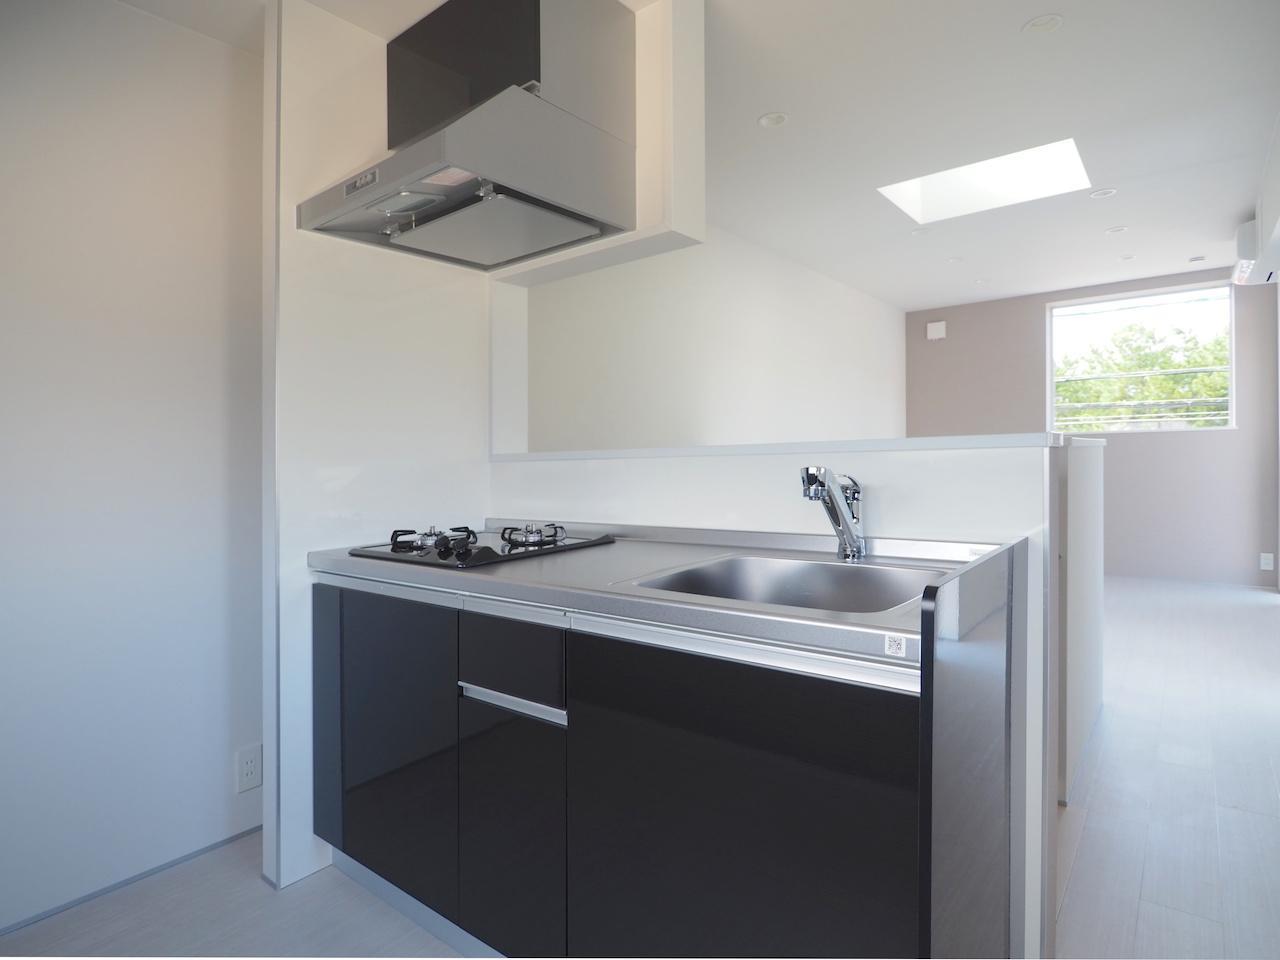 キッチンは広さがあり快適に料理が作れそう。